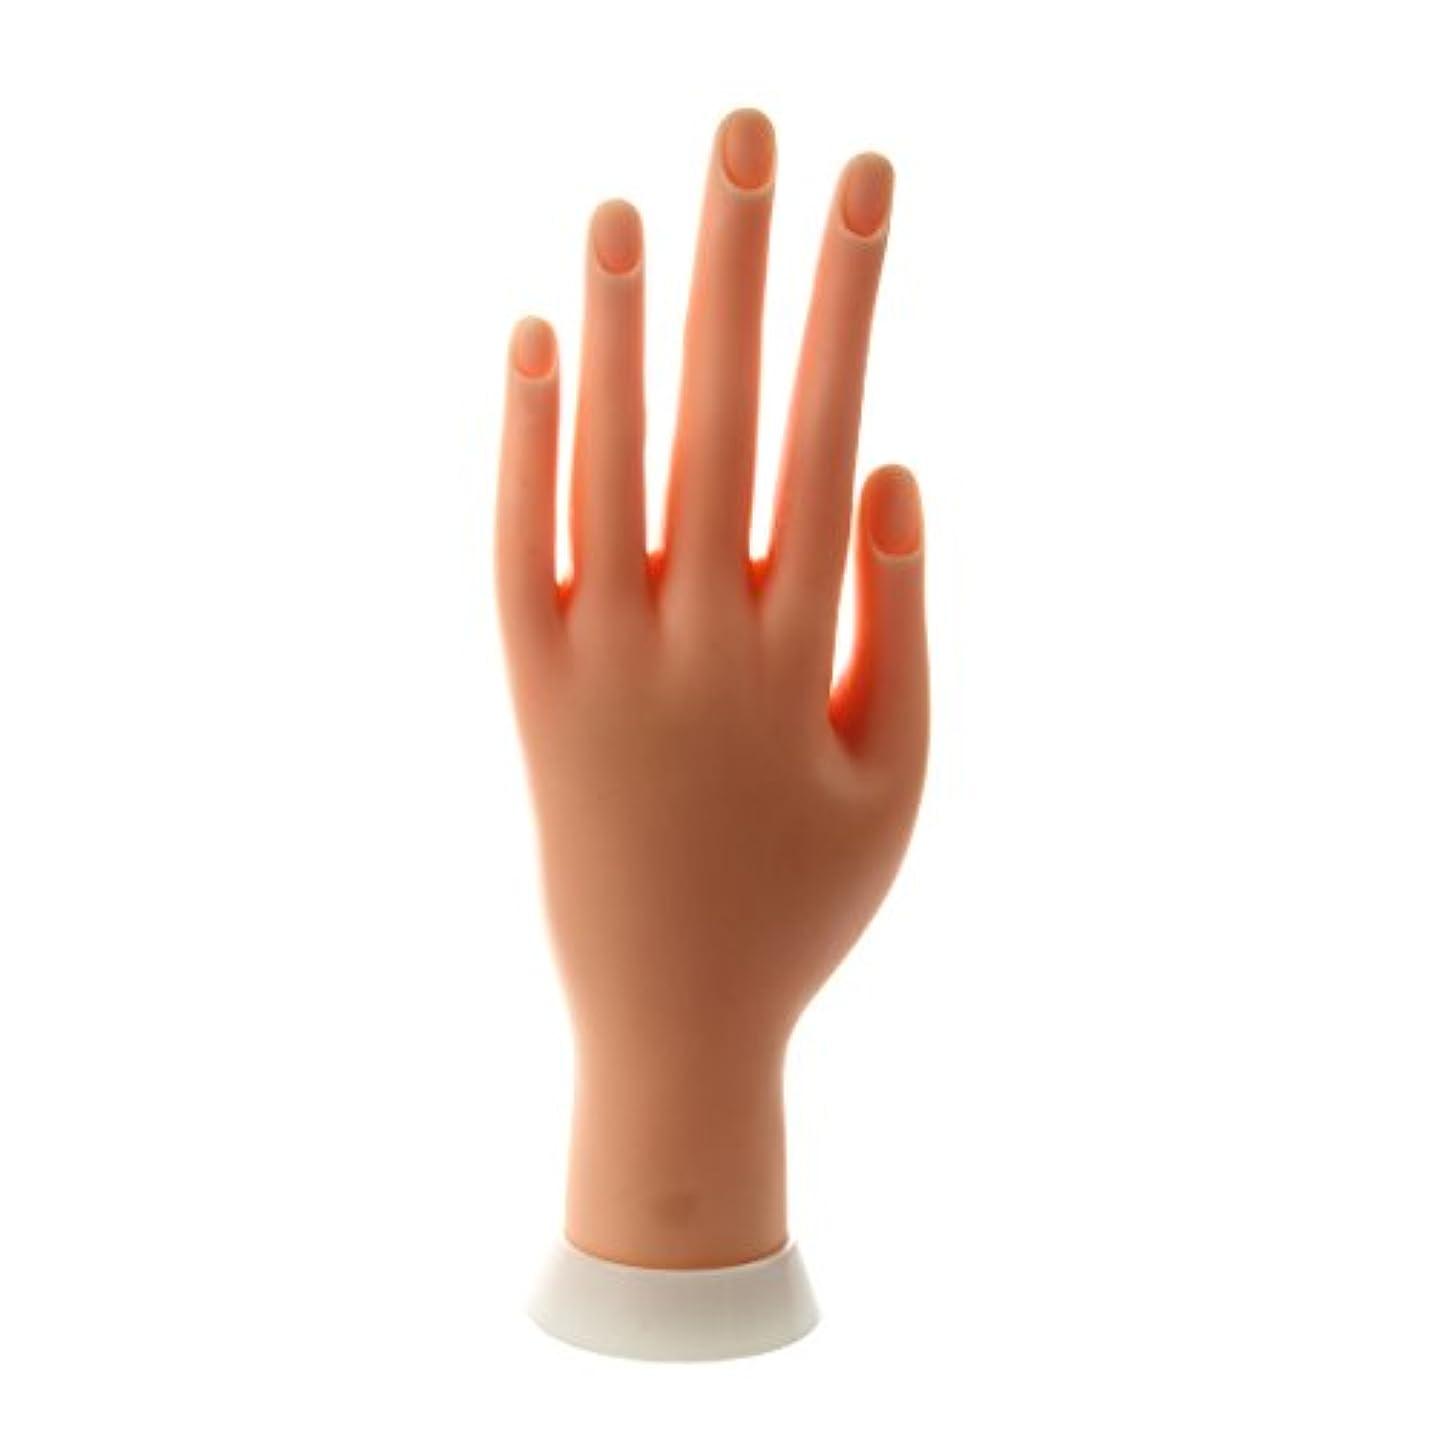 影響する株式会社噴水Gaoominy Gaoominy(R) ネイルアートの練習のためのモデル左手